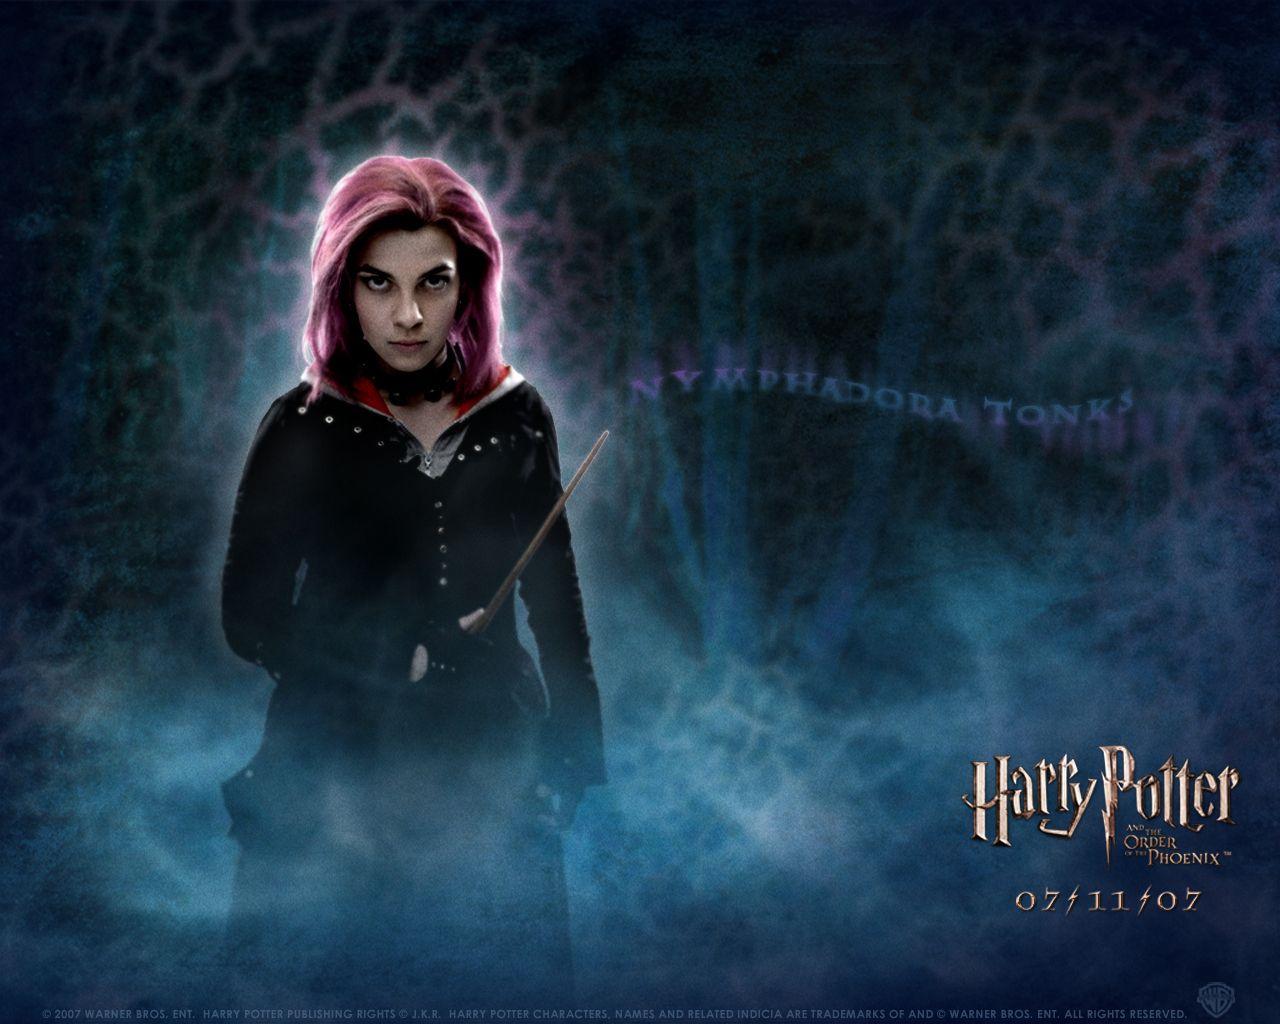 Hogwarts House Rivalry Photo Harry Potter Tonks Harry Potter Harry Potter Order Harry Potter Wallpaper